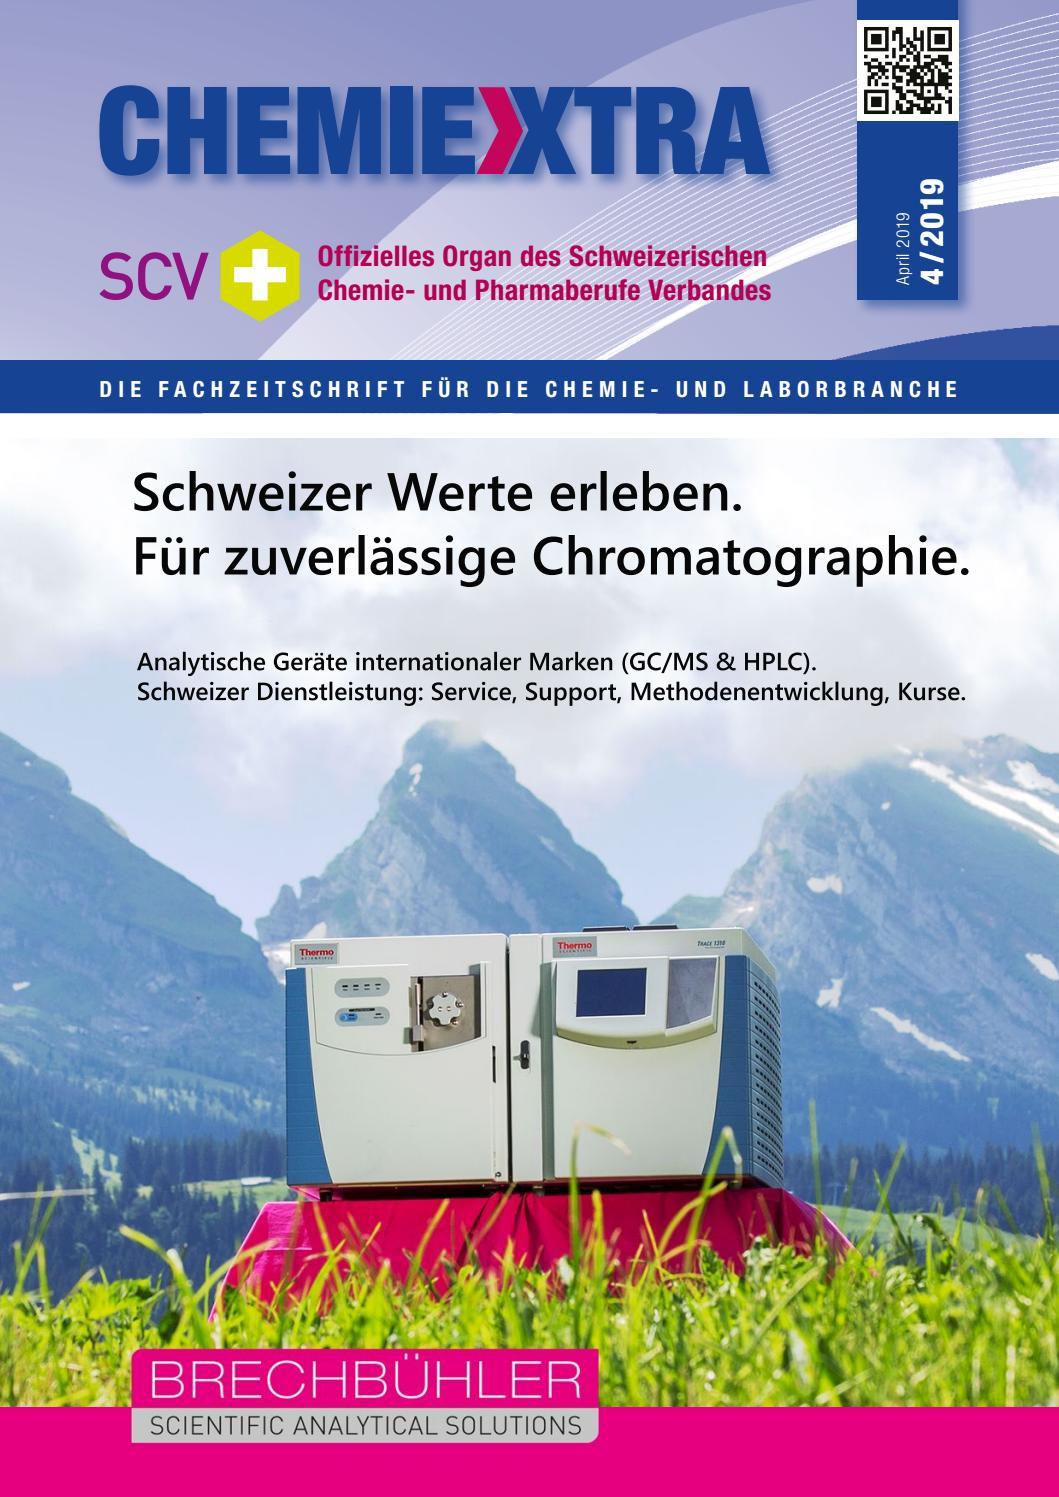 ChemieXtra 42019 by SIGWERB GmbH issuu